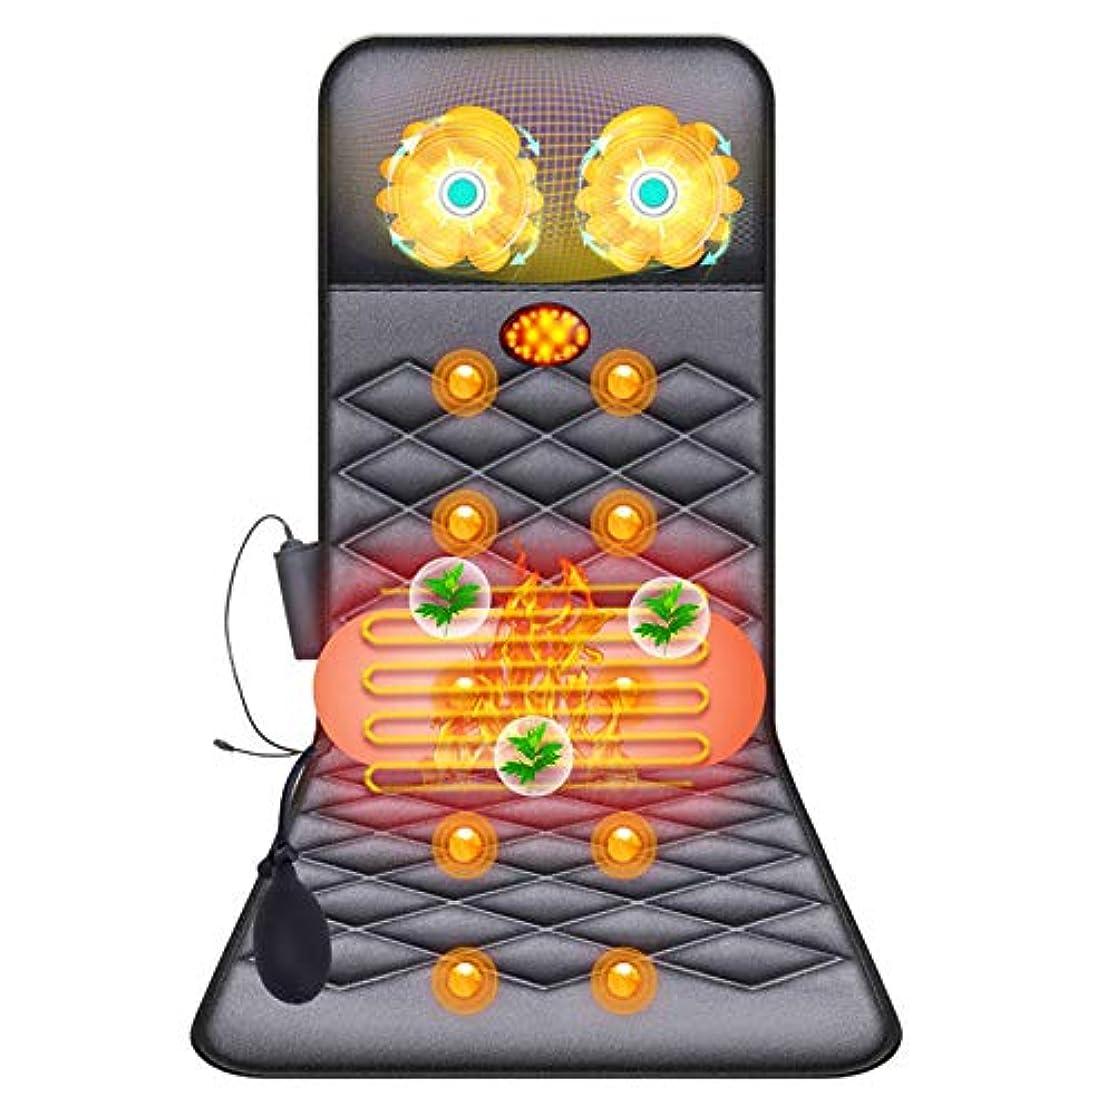 窓蒸留困惑した電気バックマッサージマットレス赤外線暖房ネックマッサージマットレスエアバッグバックウエストヒップ多機能フルボディ温水マッサージマットレスマット